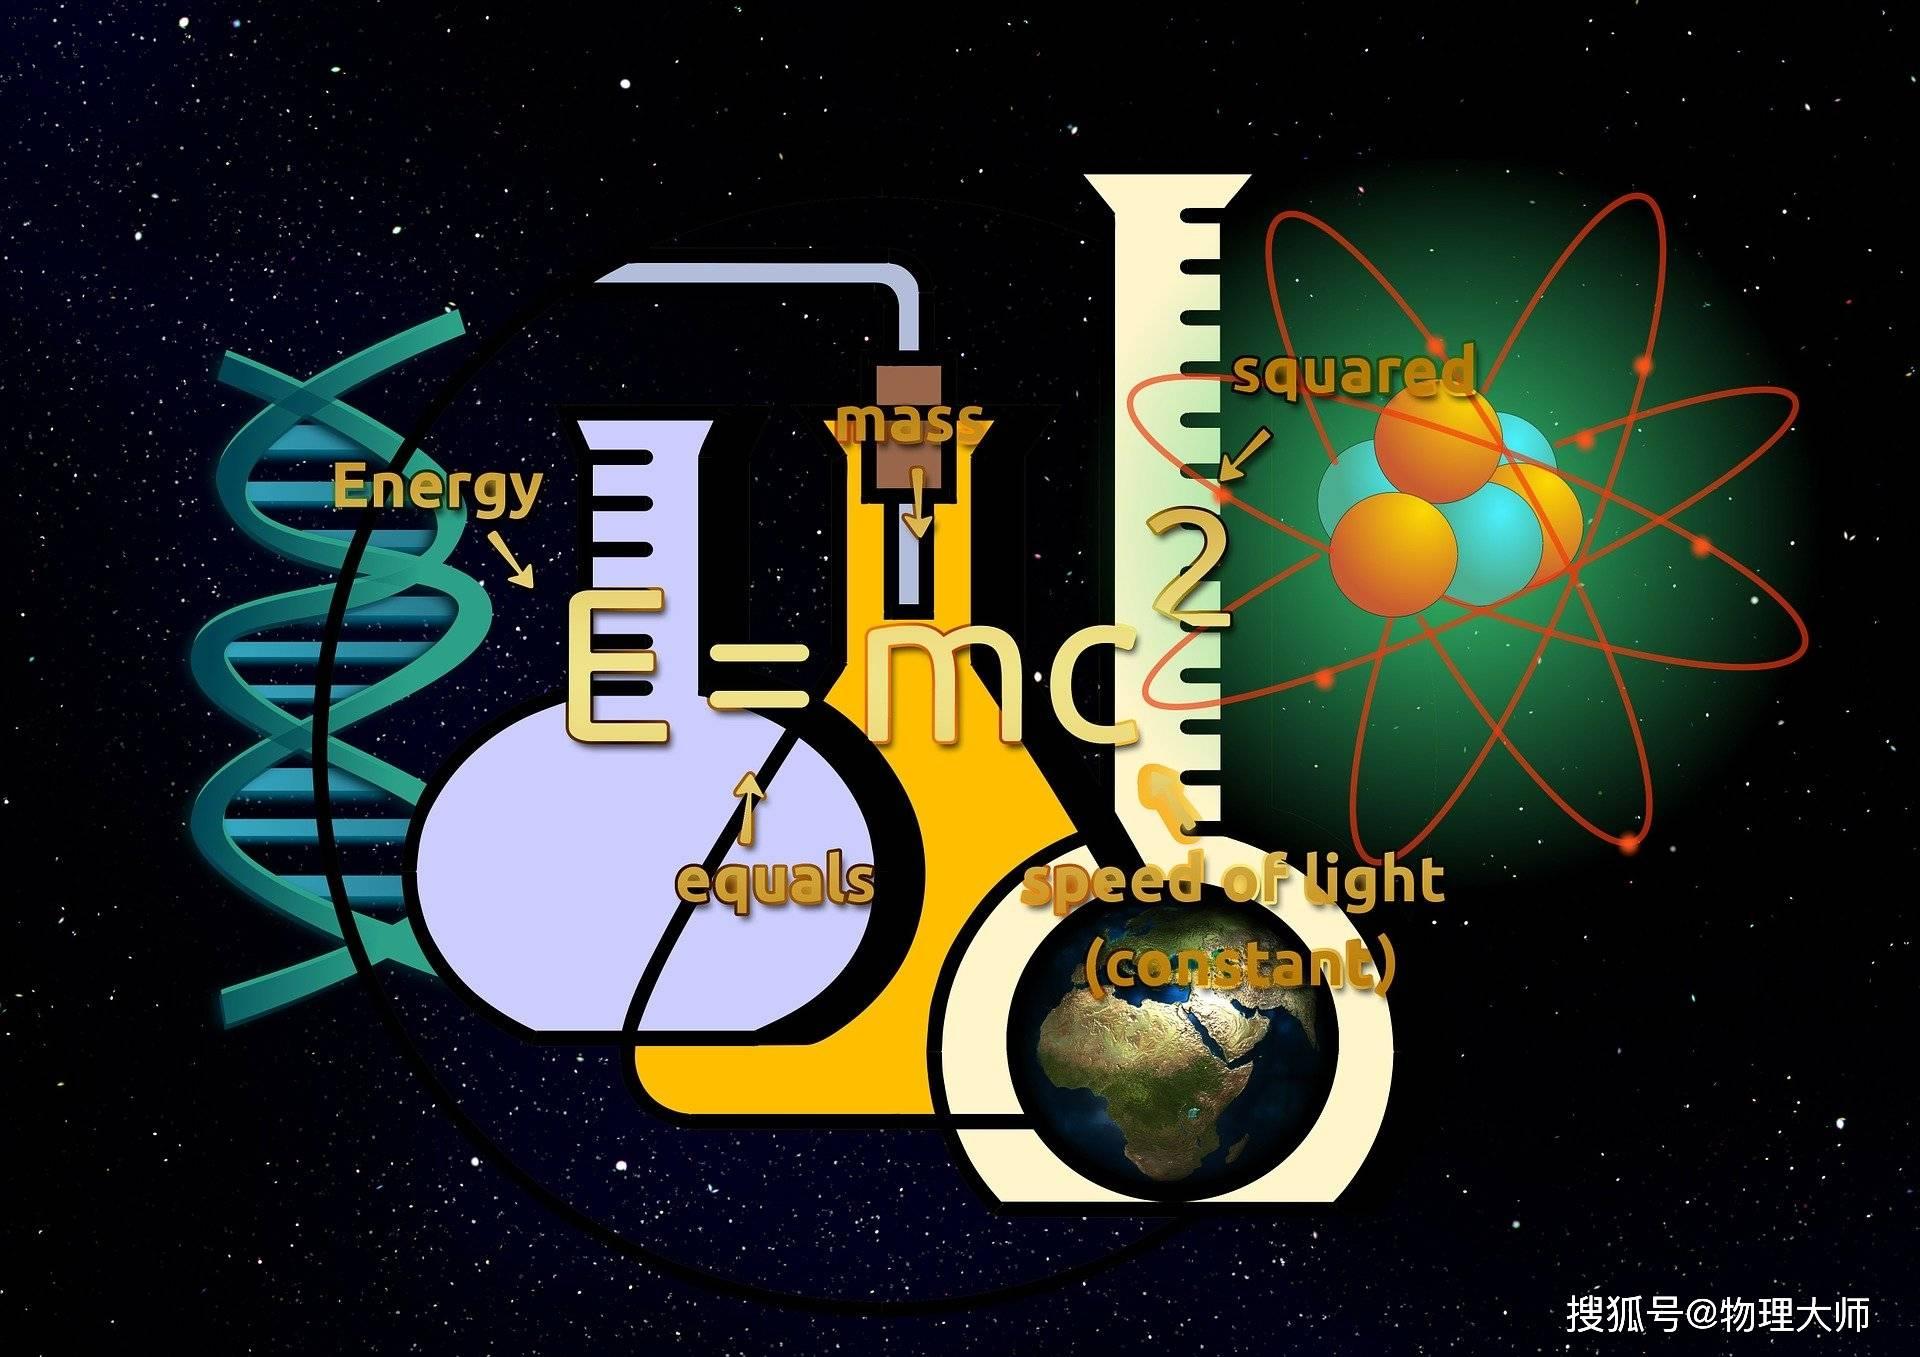 高中化学:阅卷老师总结的高频考点!一定要牢记掌握!